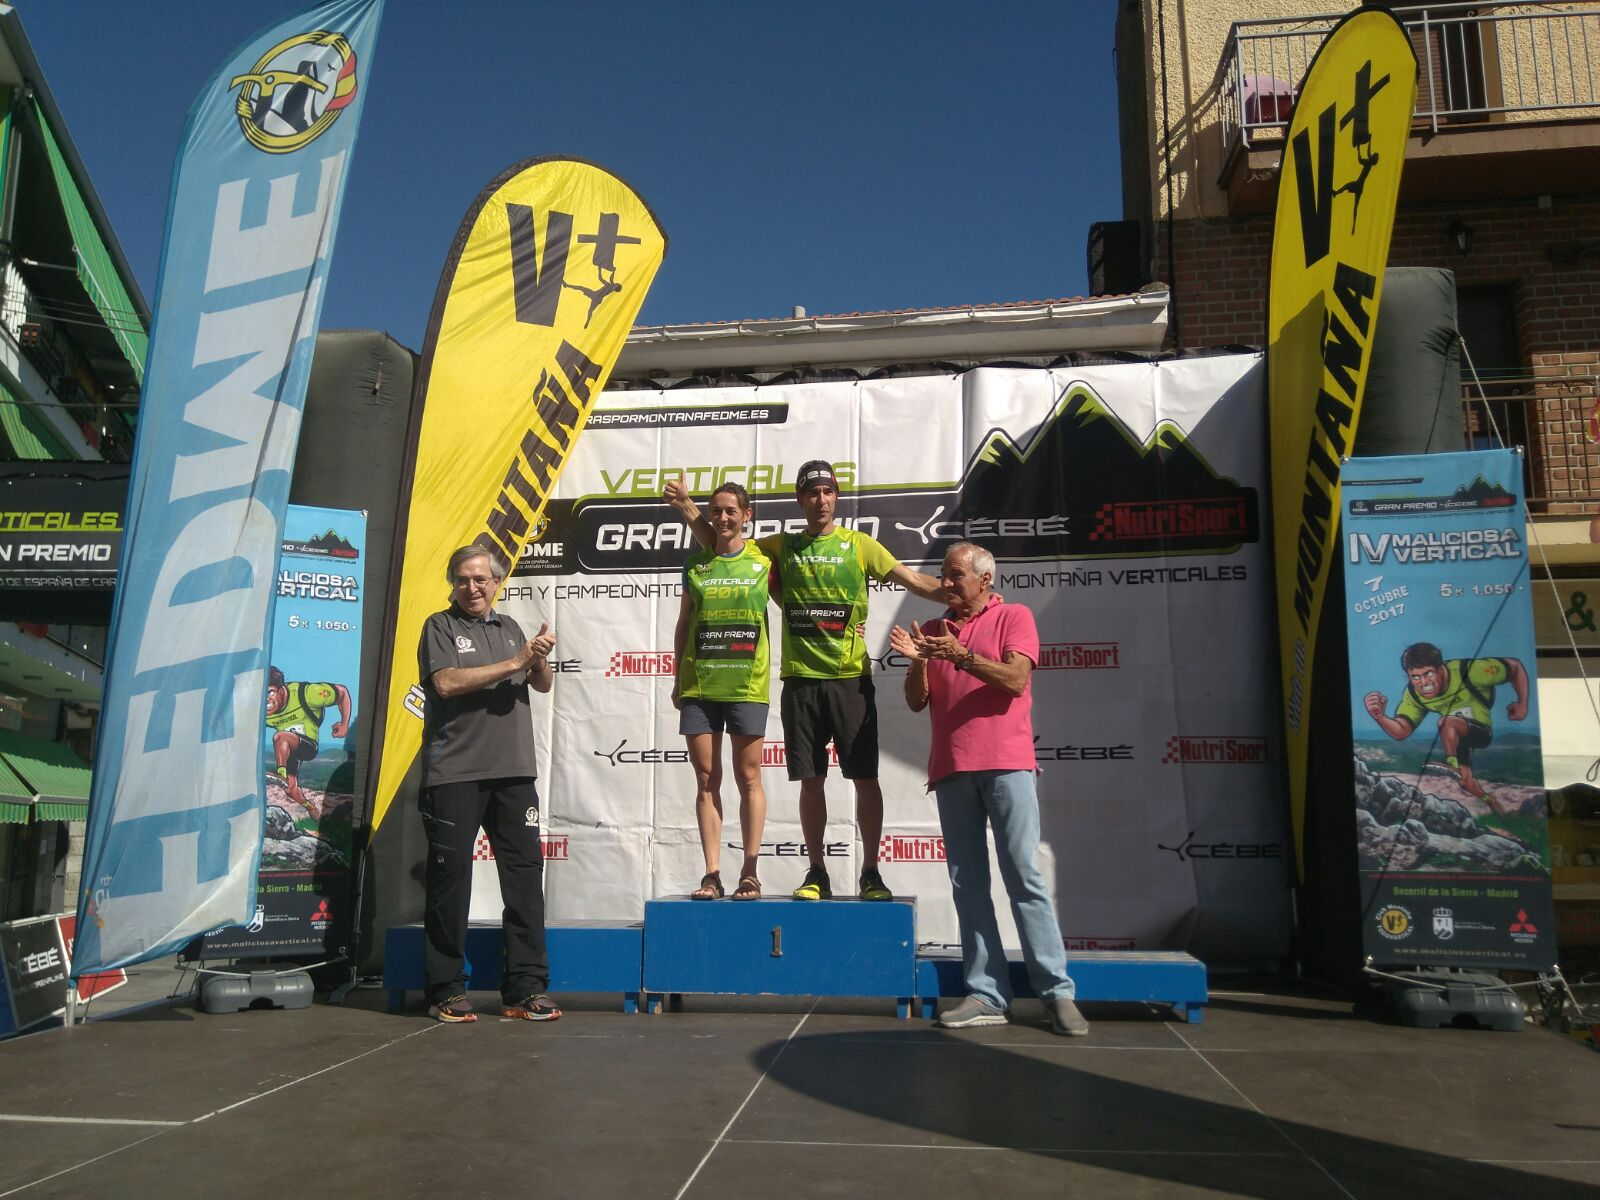 Kiko Navarro y Virginia Pérez, campeones de la Copa de España de Carreras por Montaña Verticales - GP Cébé-Nutrisport en la Maliciosa Vert